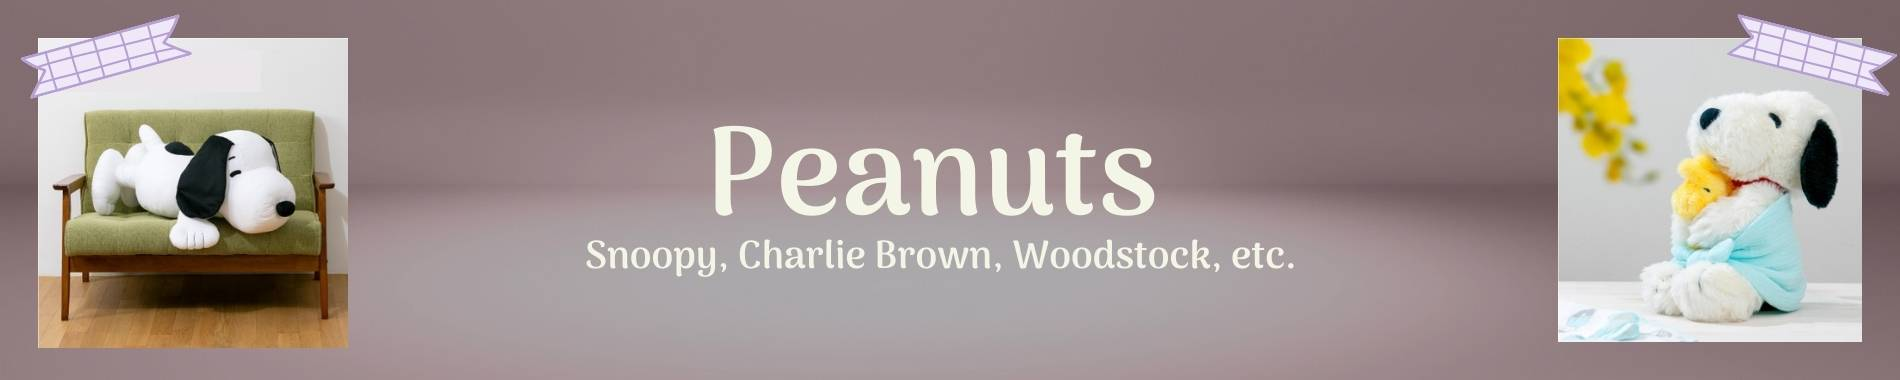 producros Peanuts